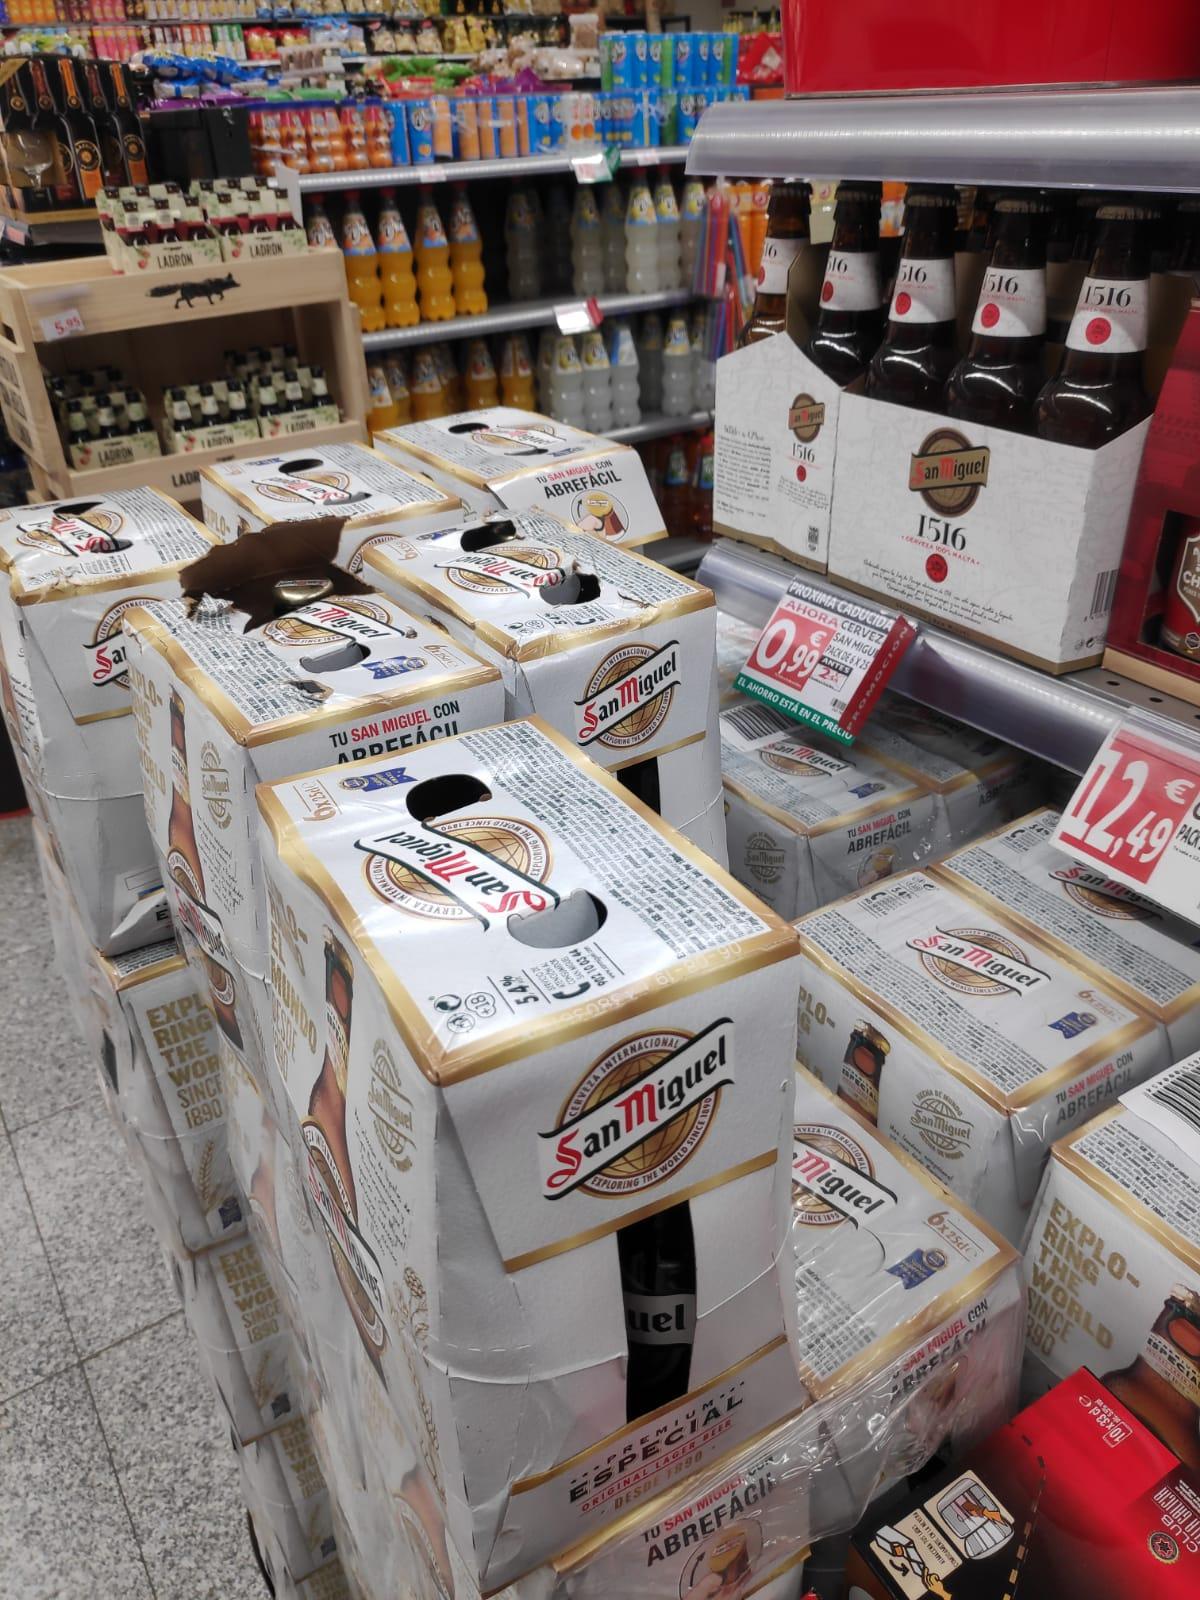 Cerveza San Miguel pack 6 x 25 cl (Alcampo Alcorcón)